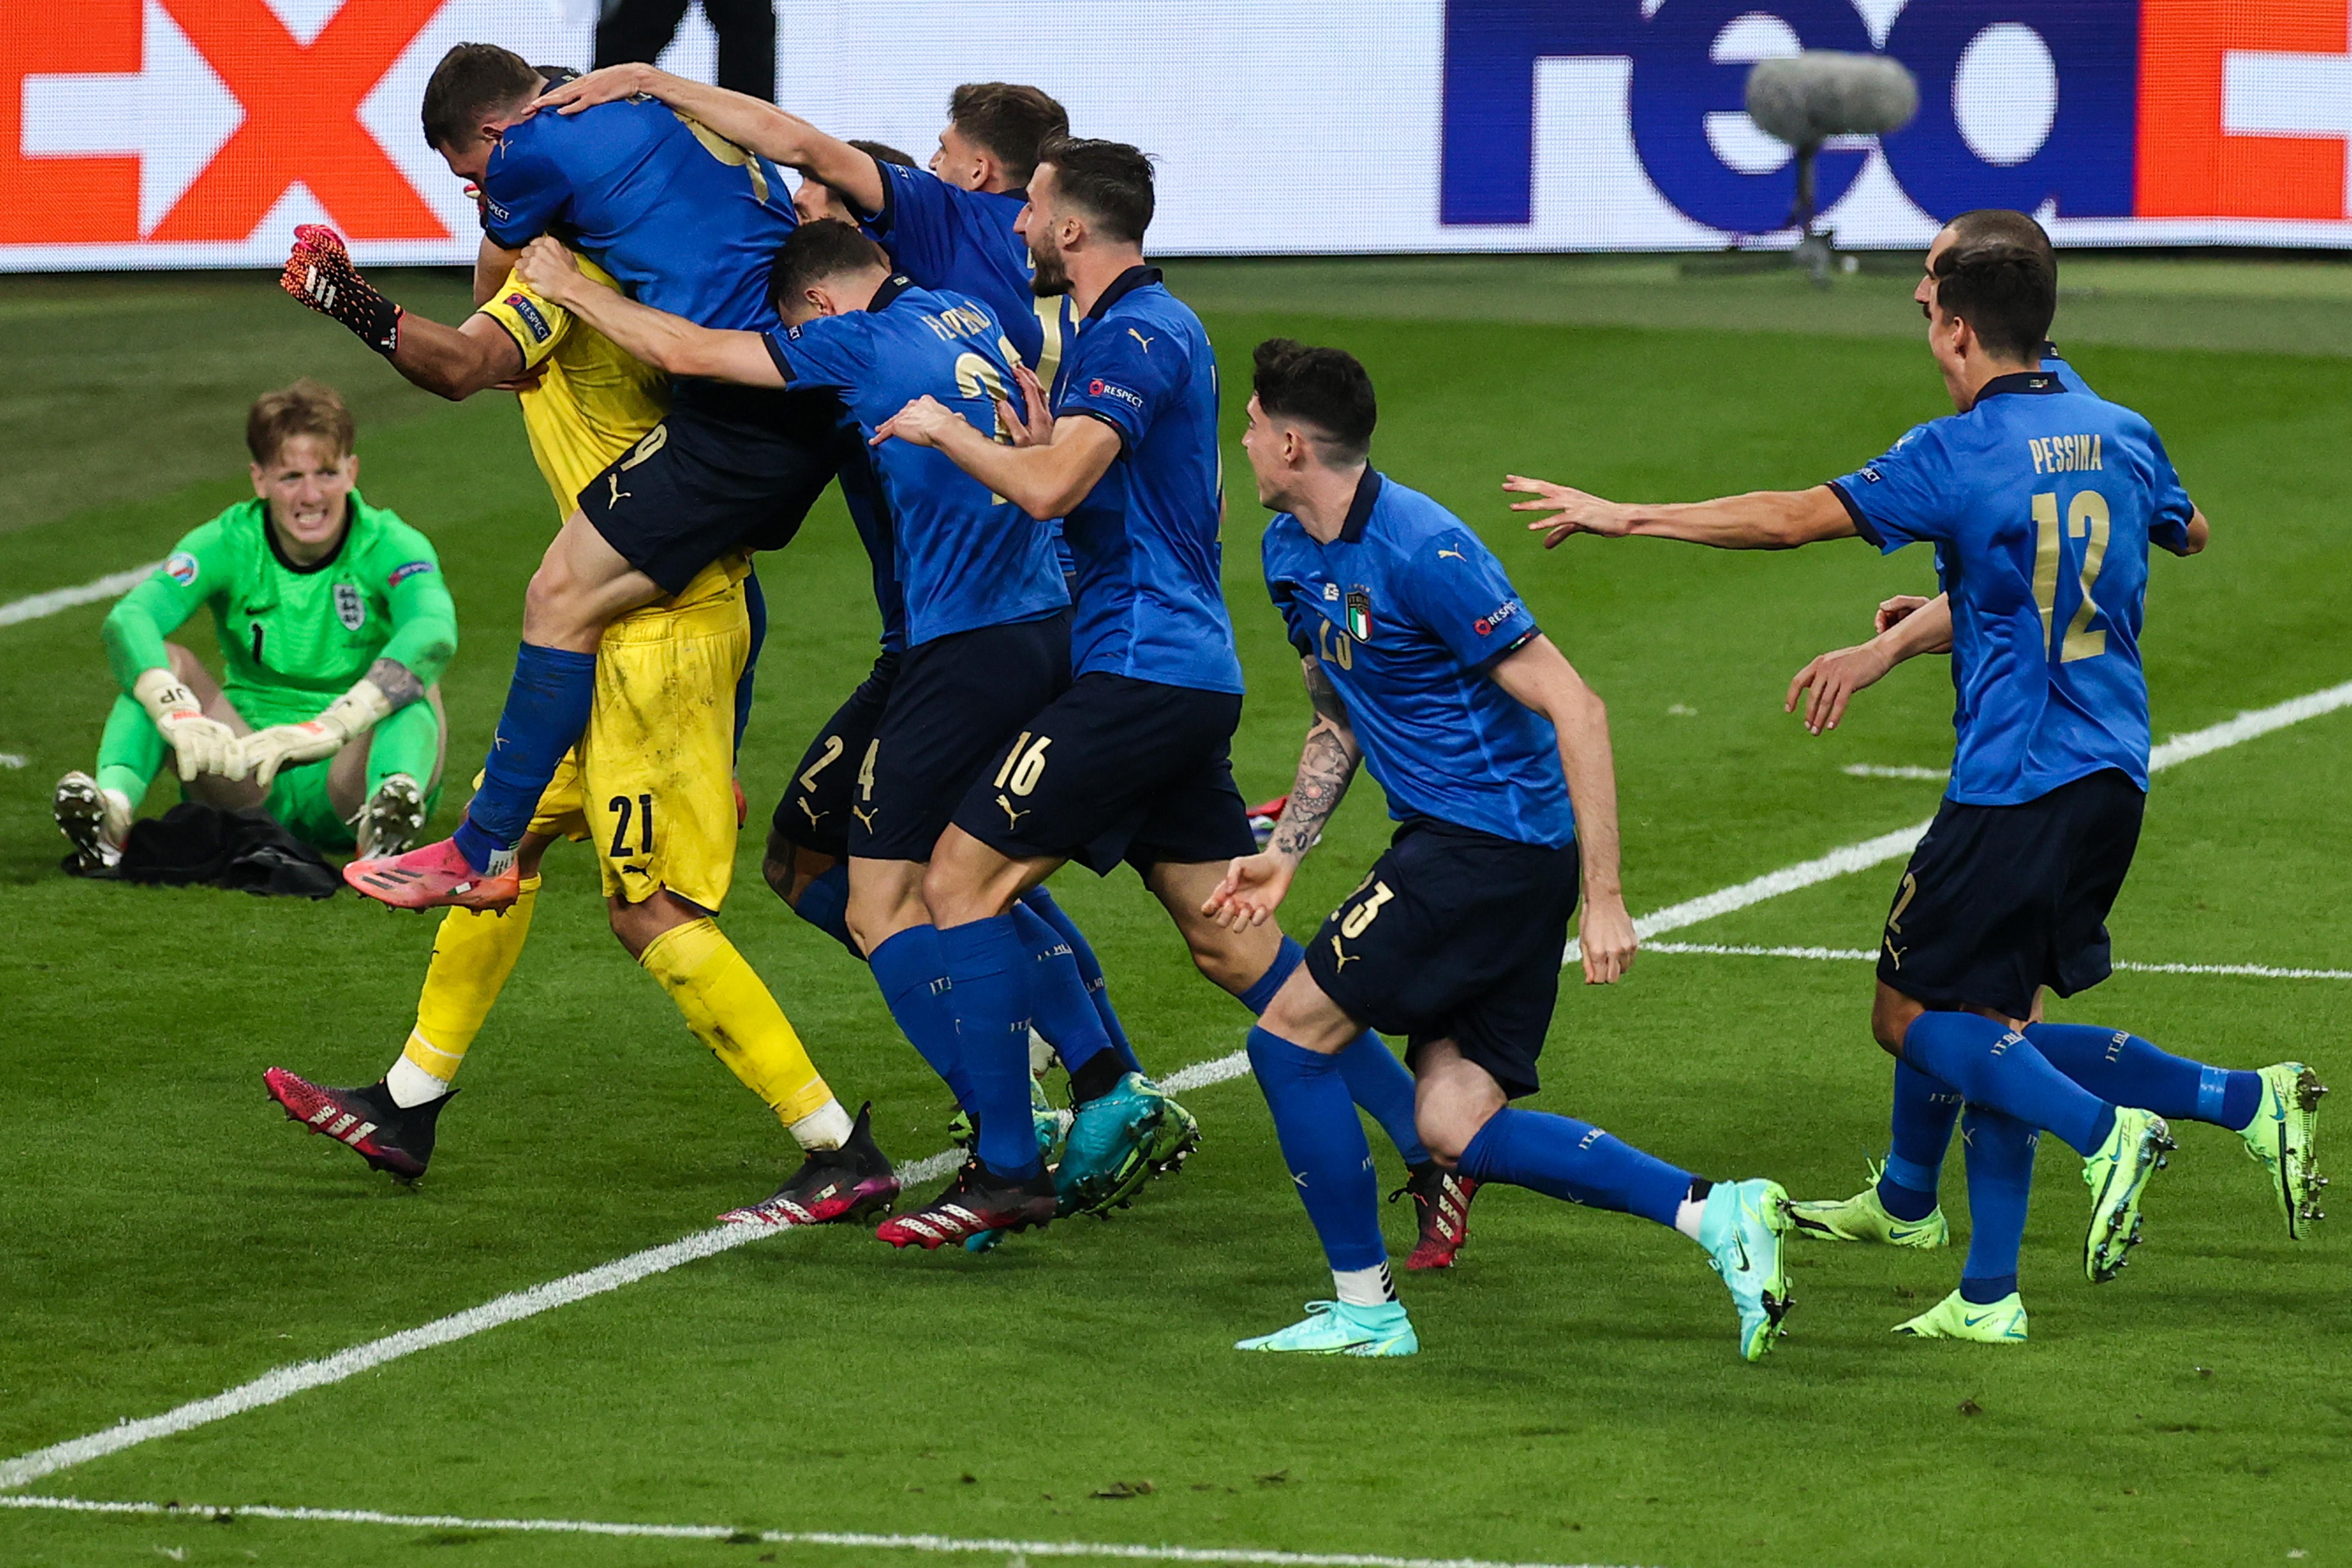 Italy - England